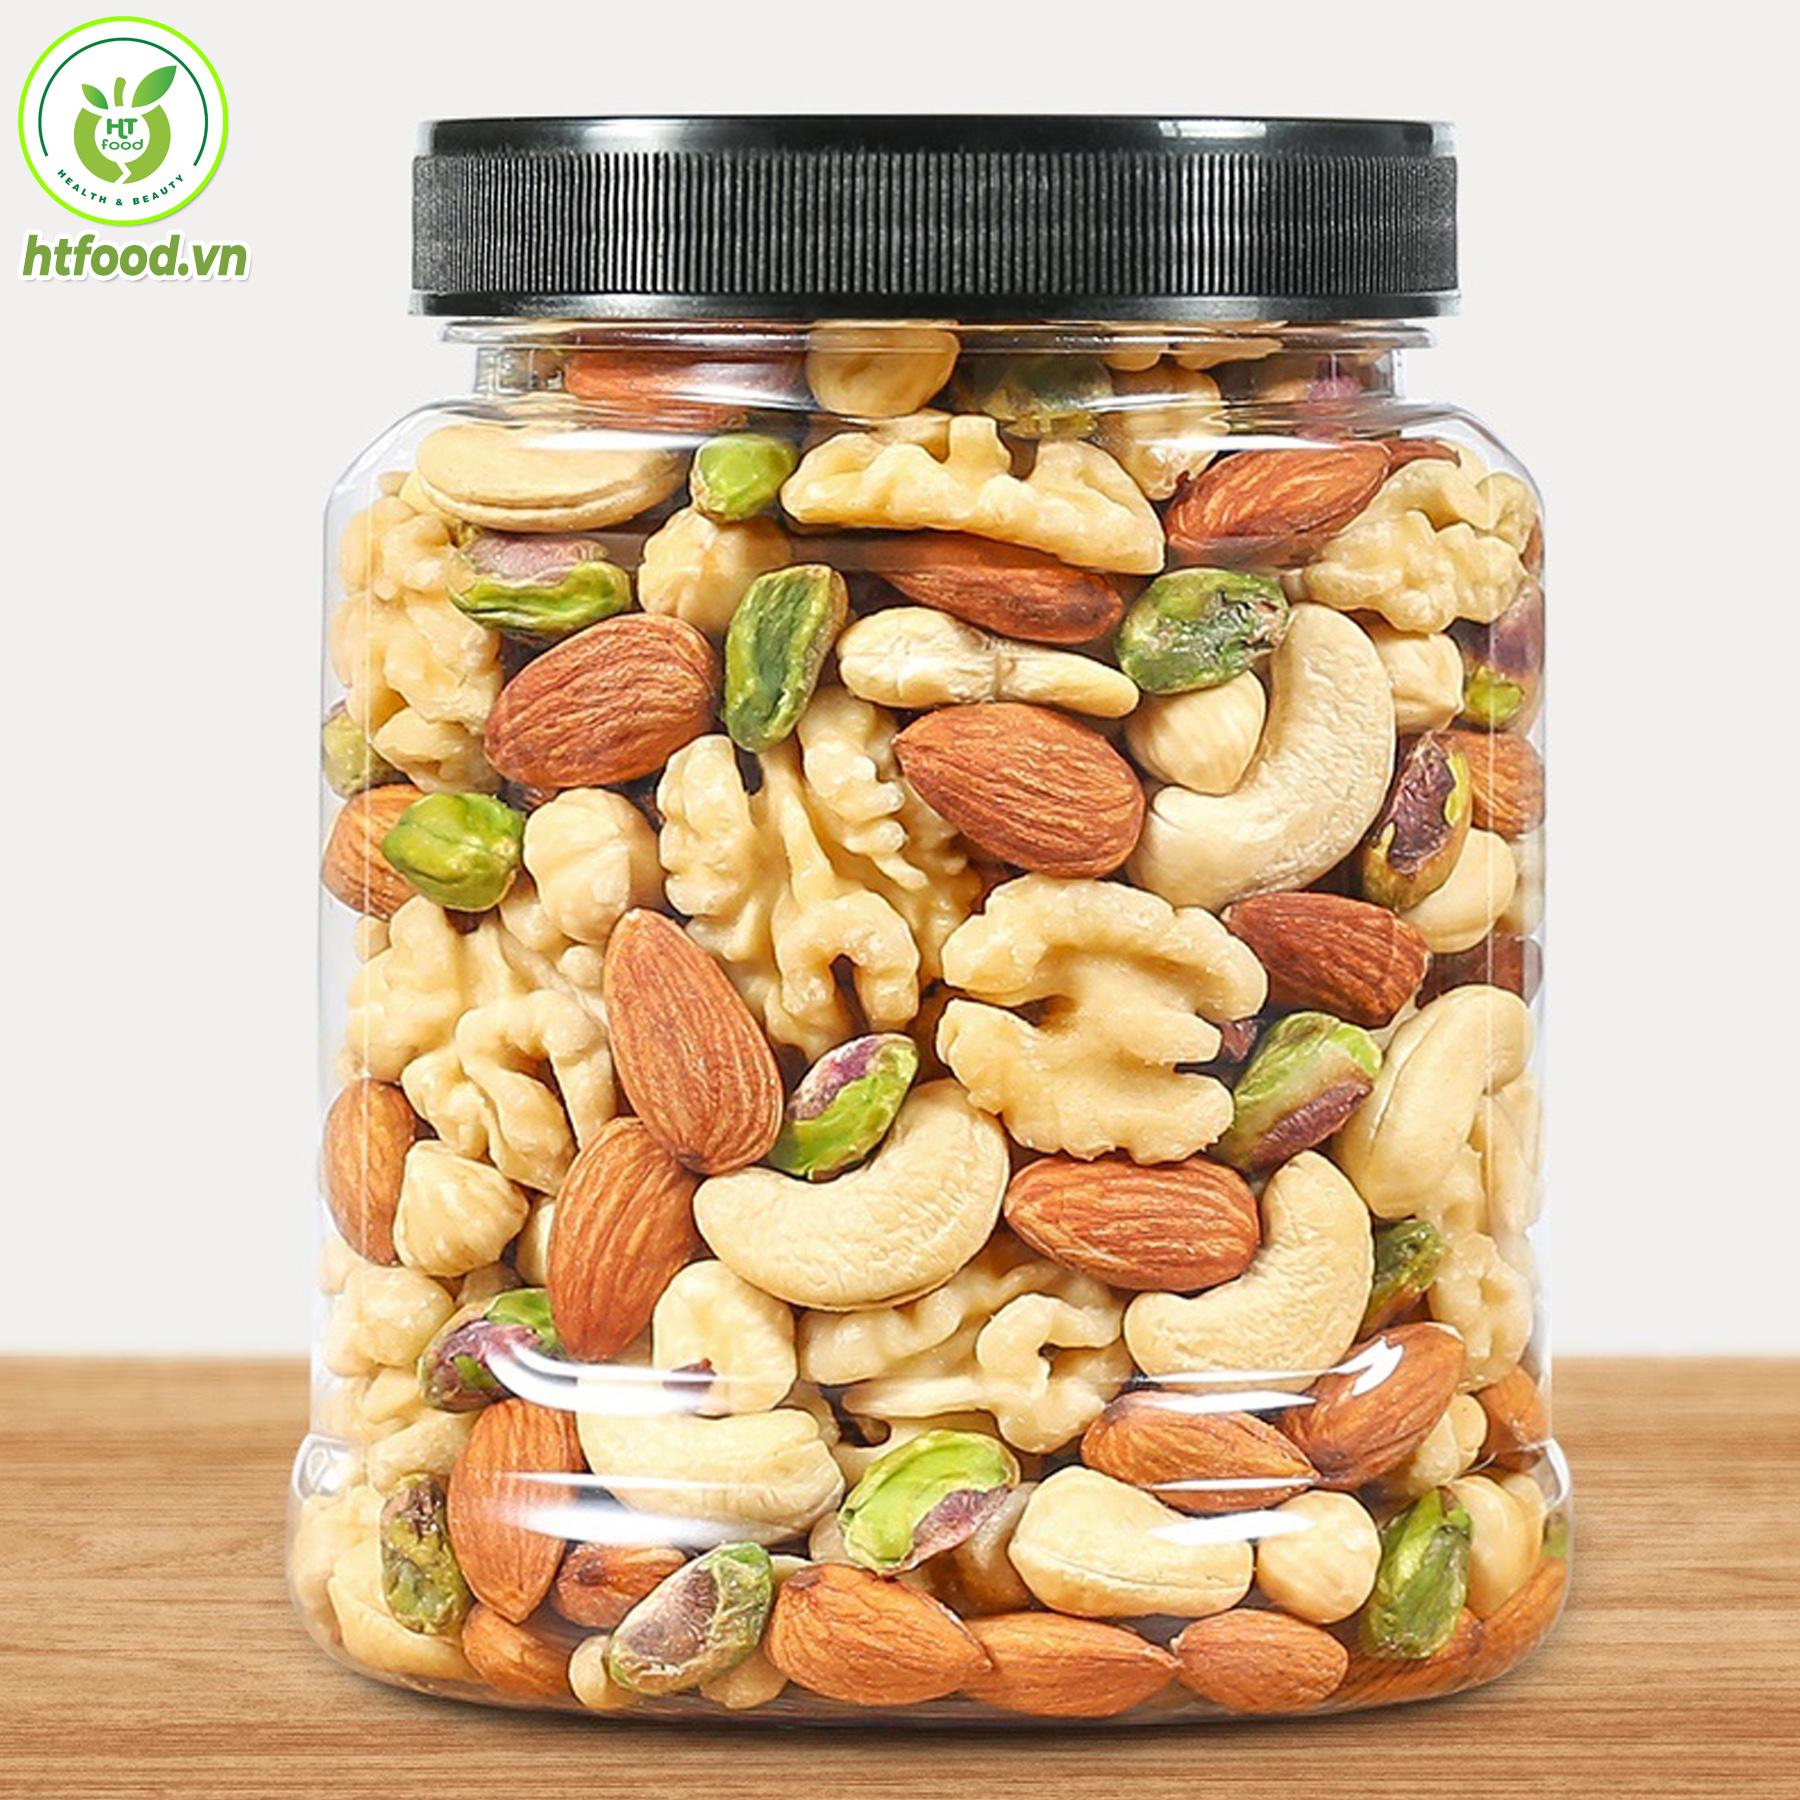 Hạt dinh dưỡng mixed nuts mua ở đâu?